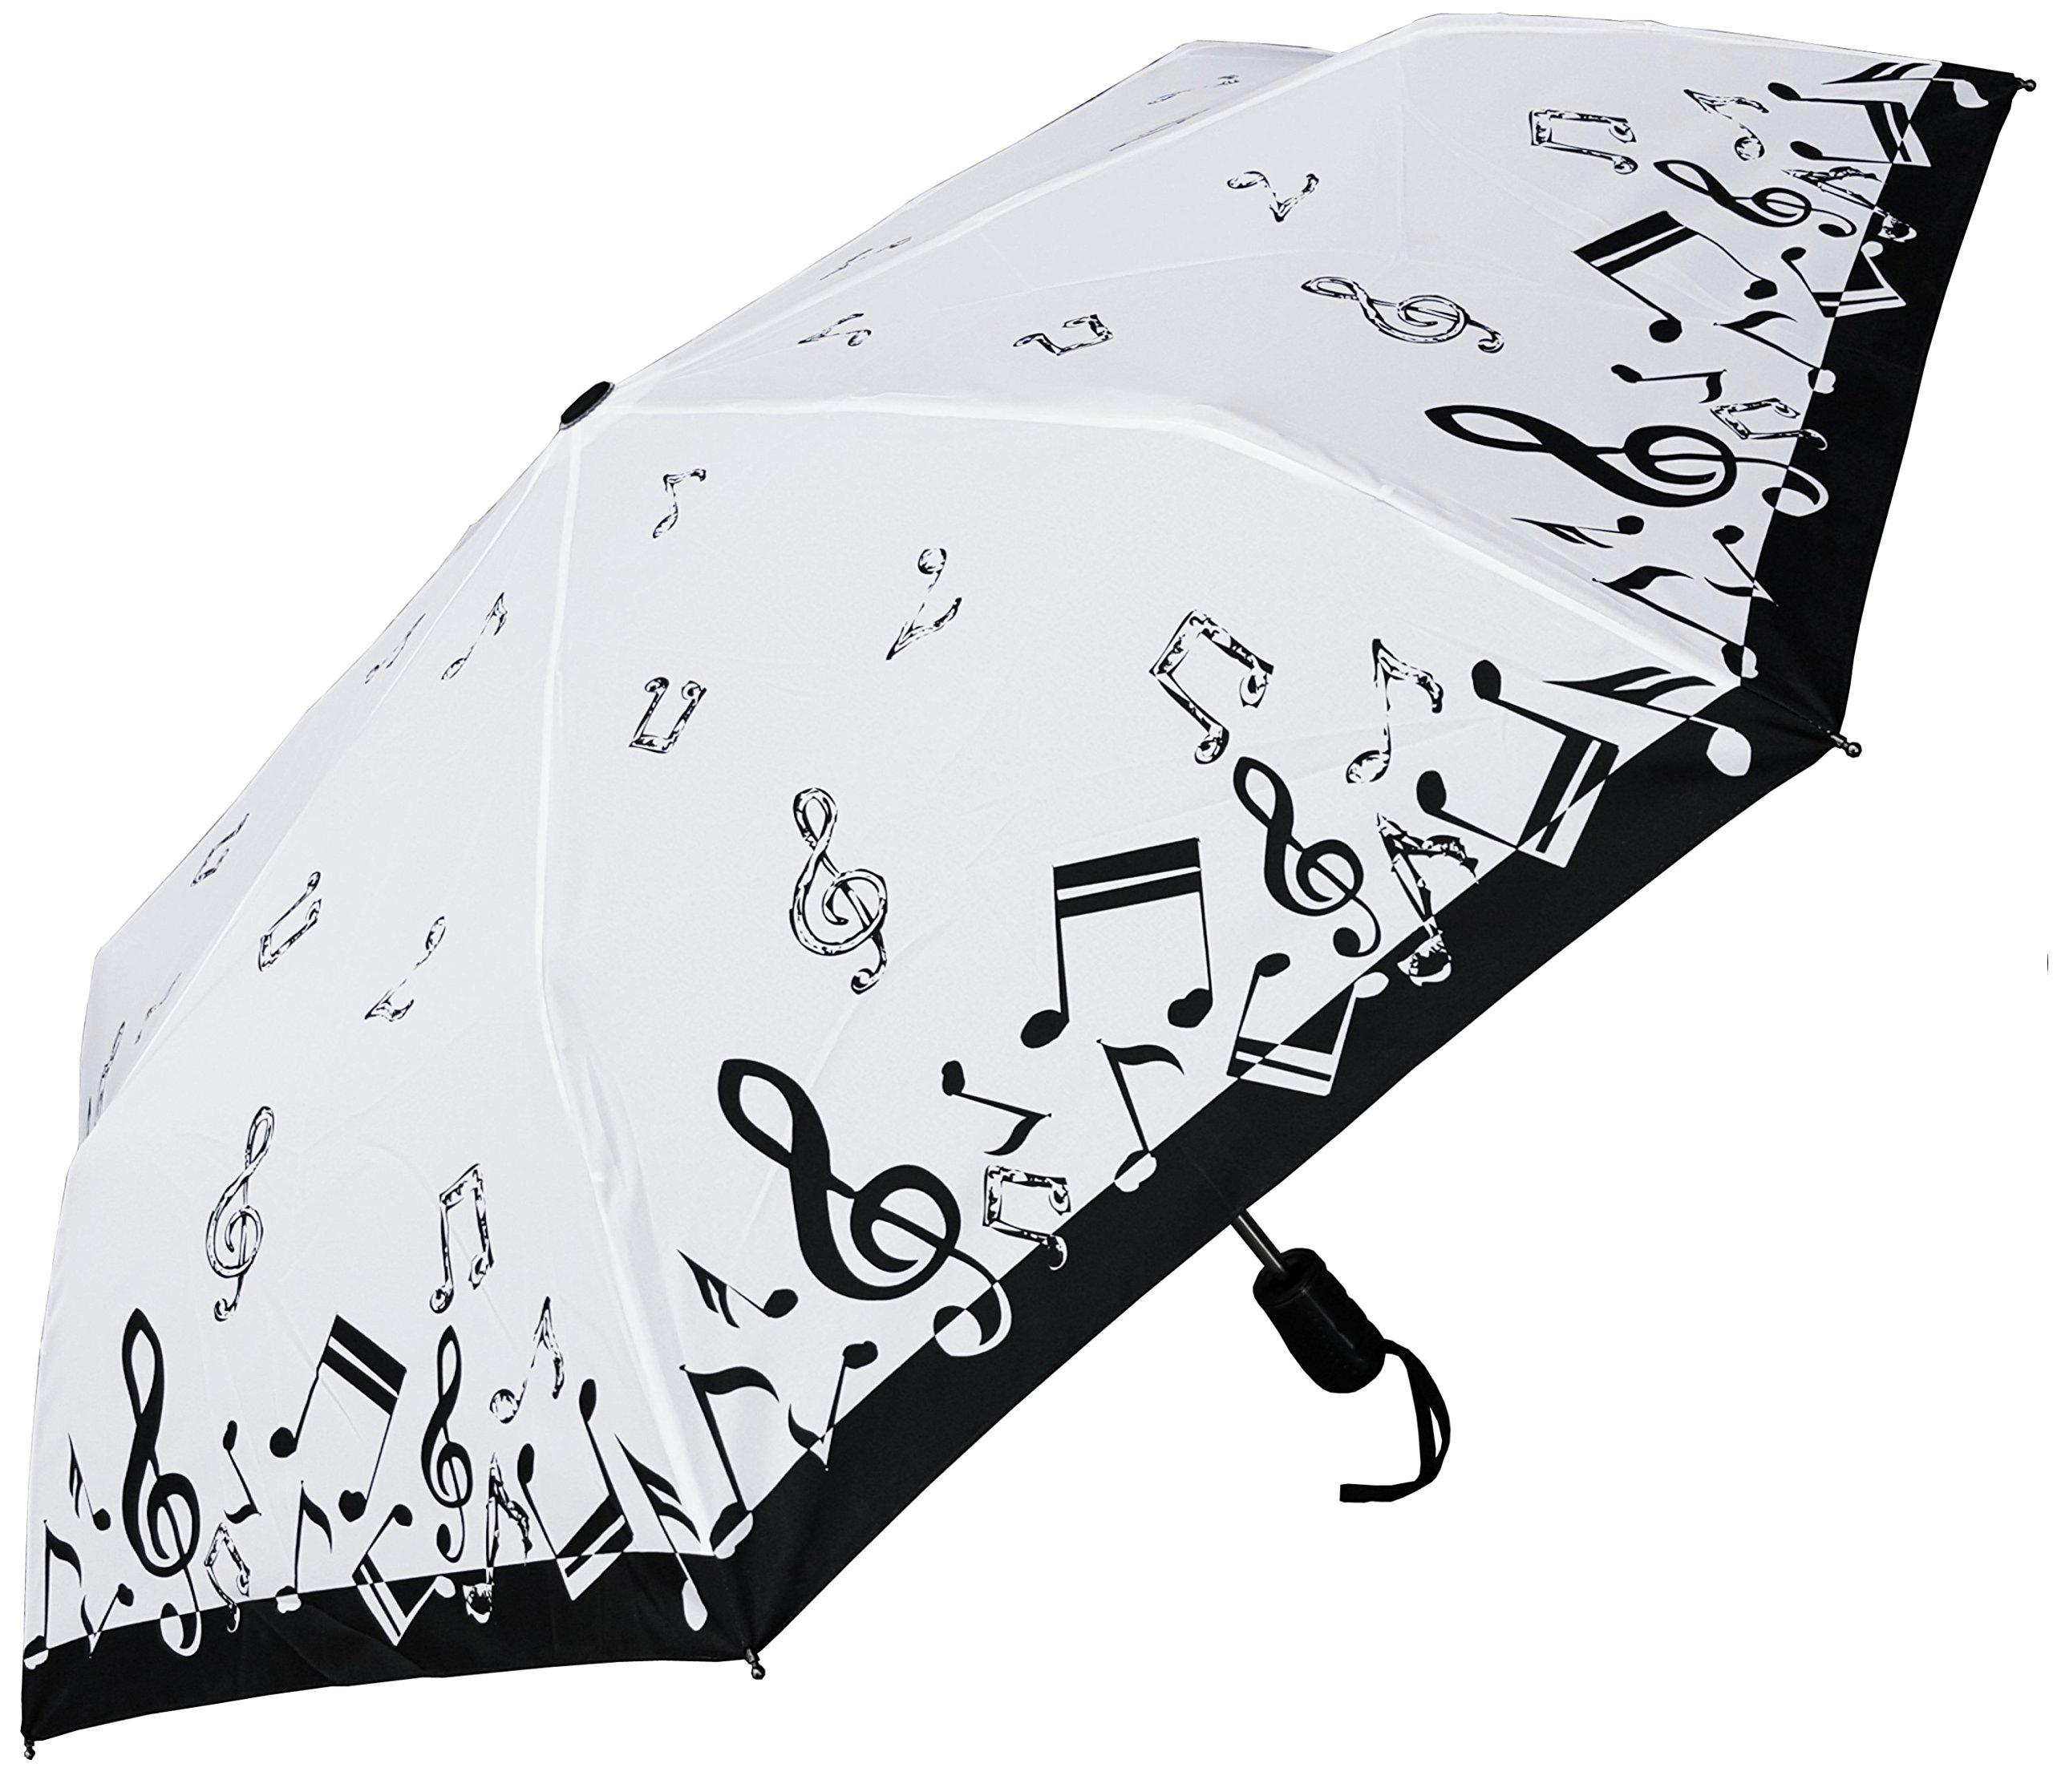 RainStoppers Umbrella 44'' Auto Open Auto Close Mini Music Design, Black/White, 44'' Arc by RainStoppers Umbrella (Image #1)